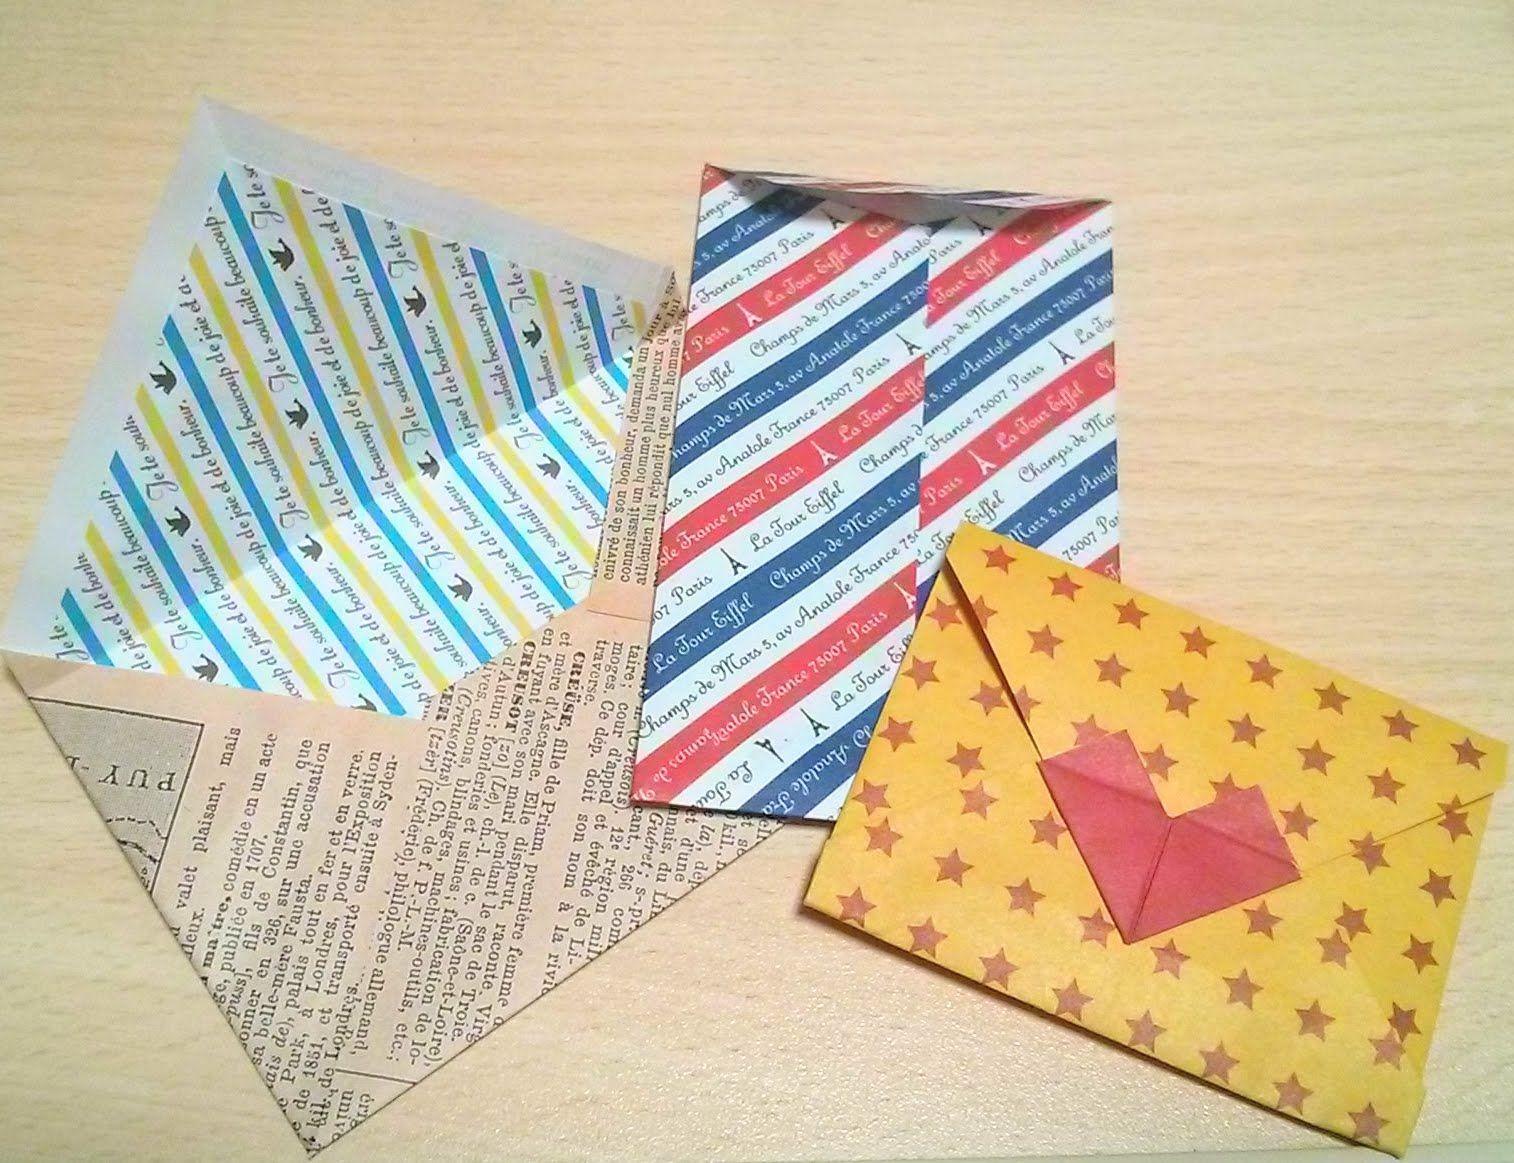 ハンドメイドの可愛いおしゃれな手紙入れ 自作の可愛い封筒を手作りで作ってみましょう 作り方 は簡単 長方形の紙や正方形の折り紙があれば誰でもハンドメイドでオリジナル封筒を作ることができちゃいます 自作の手作り封筒を手紙入れとして郵便で出すときの注意点も